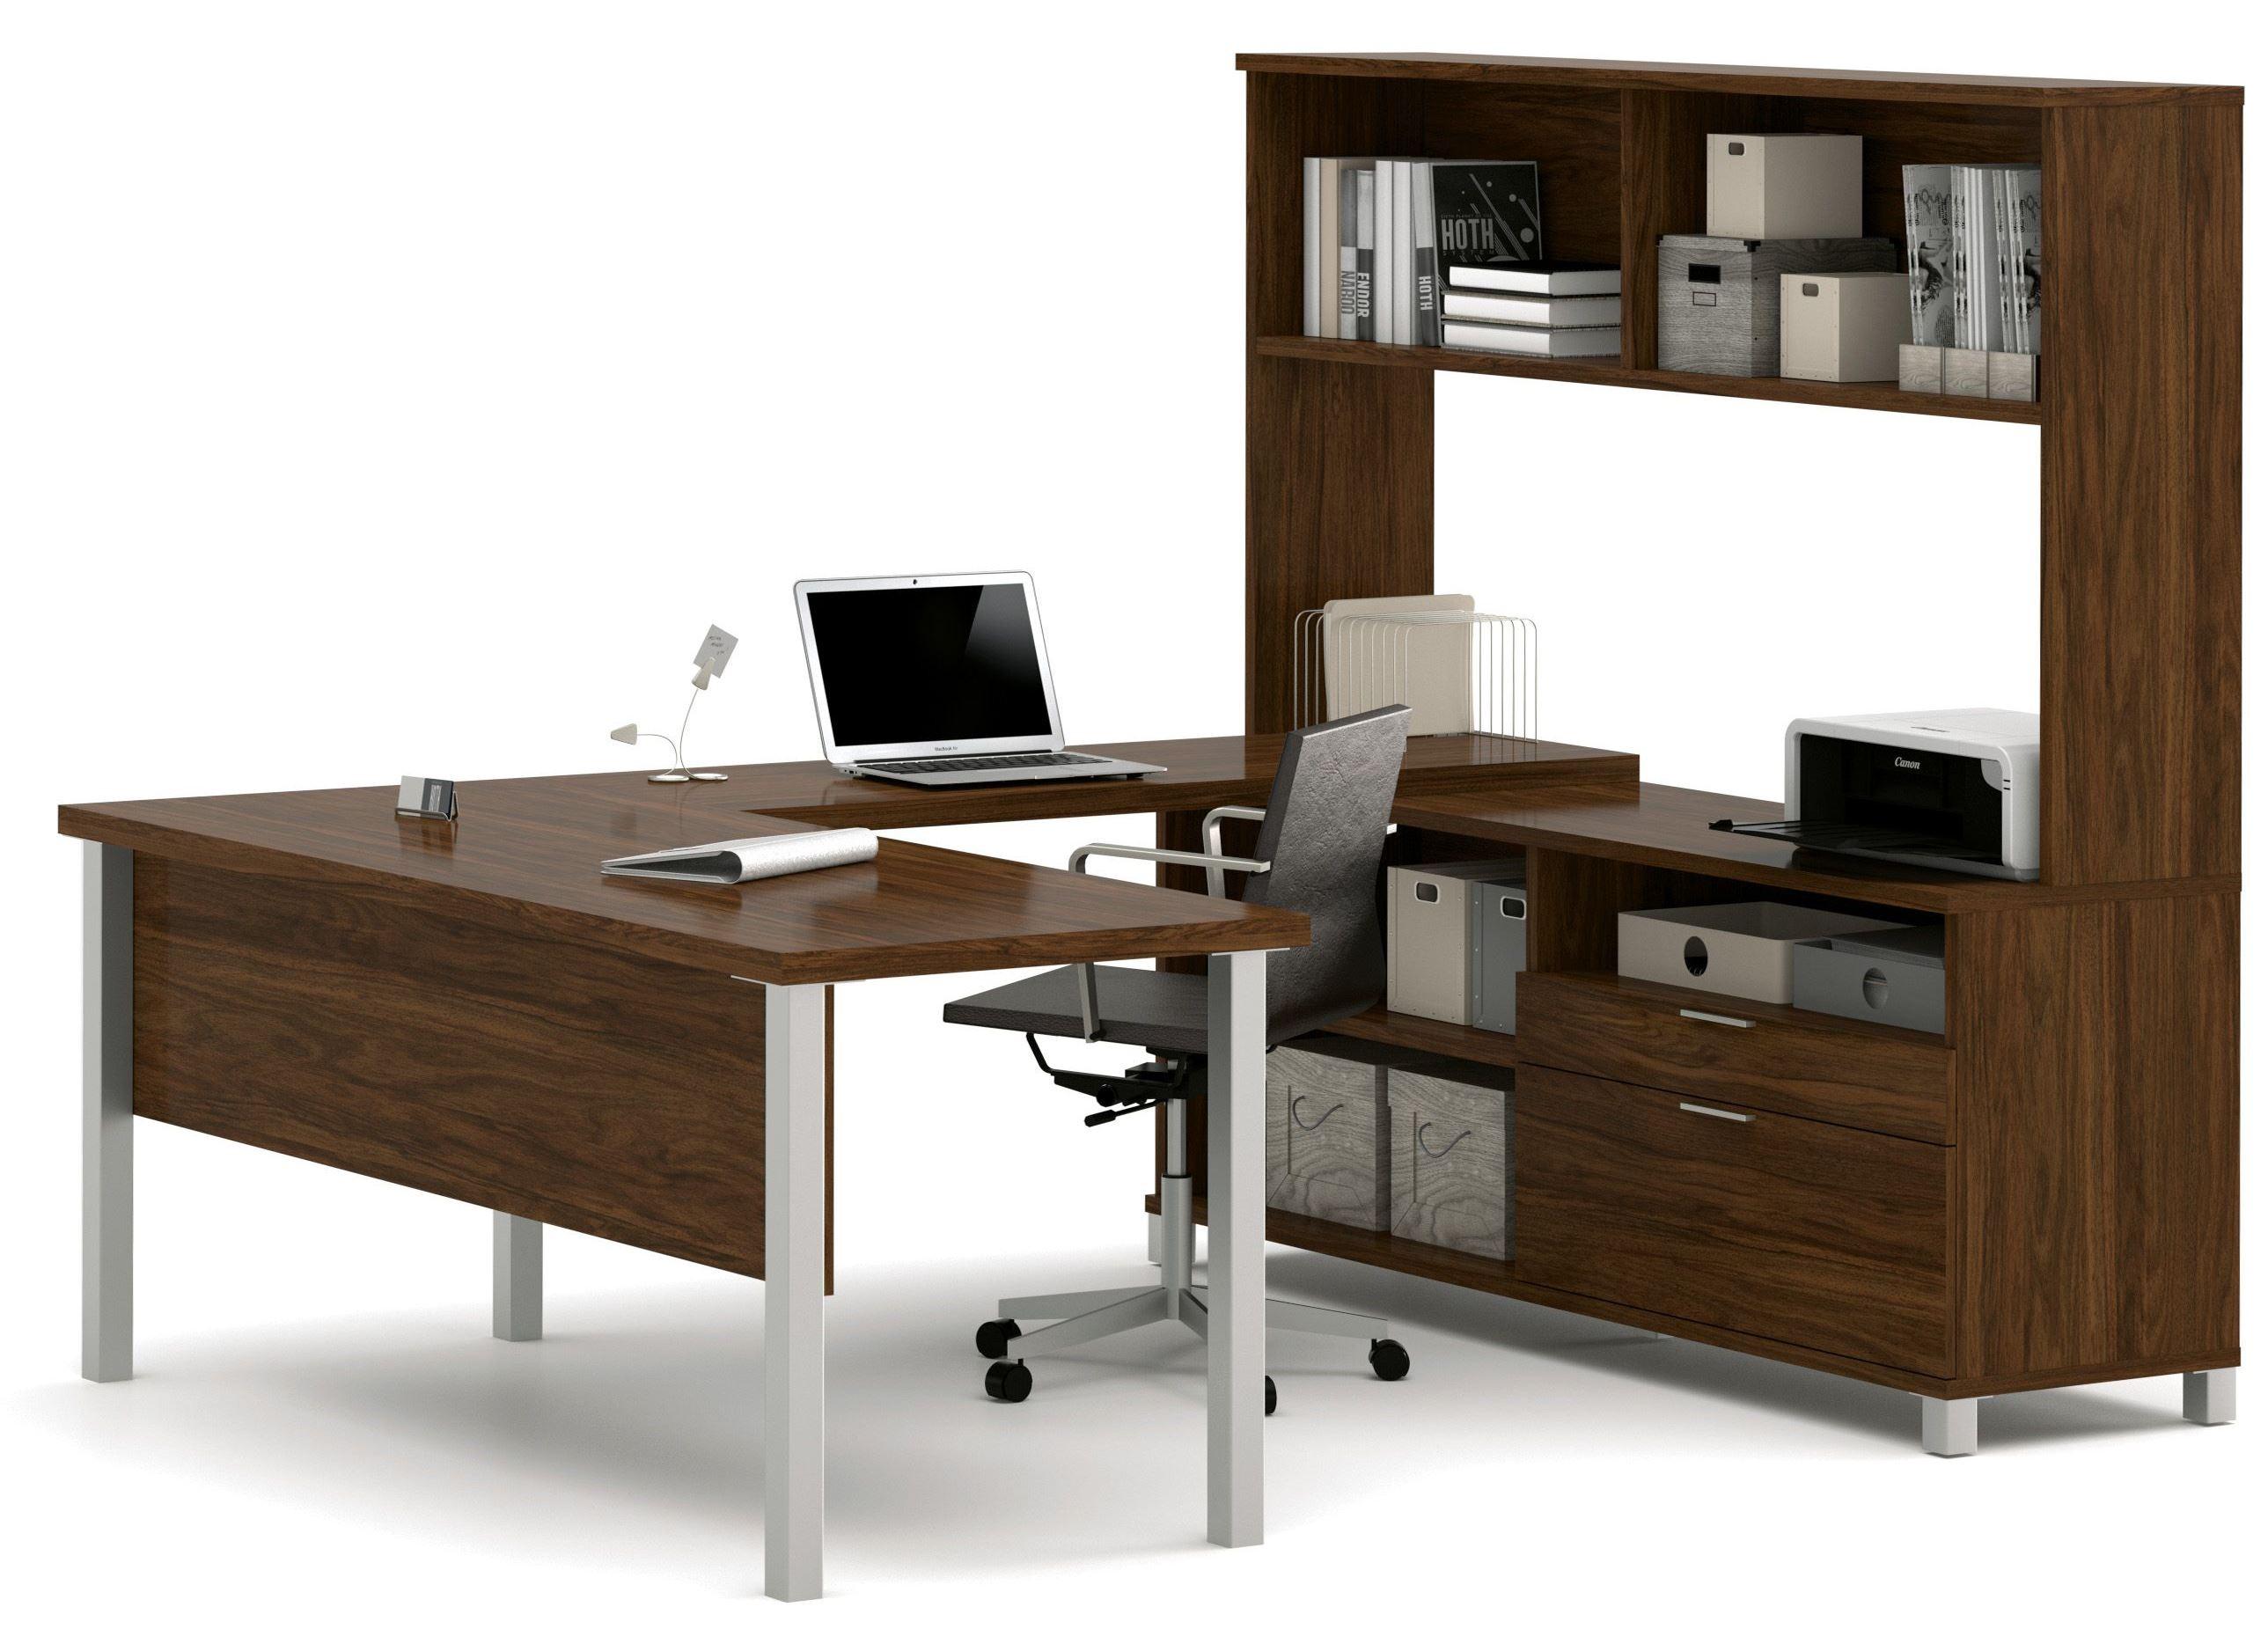 Pro Linea Oak Barrel U Desk With Hutch From Bestar 120860